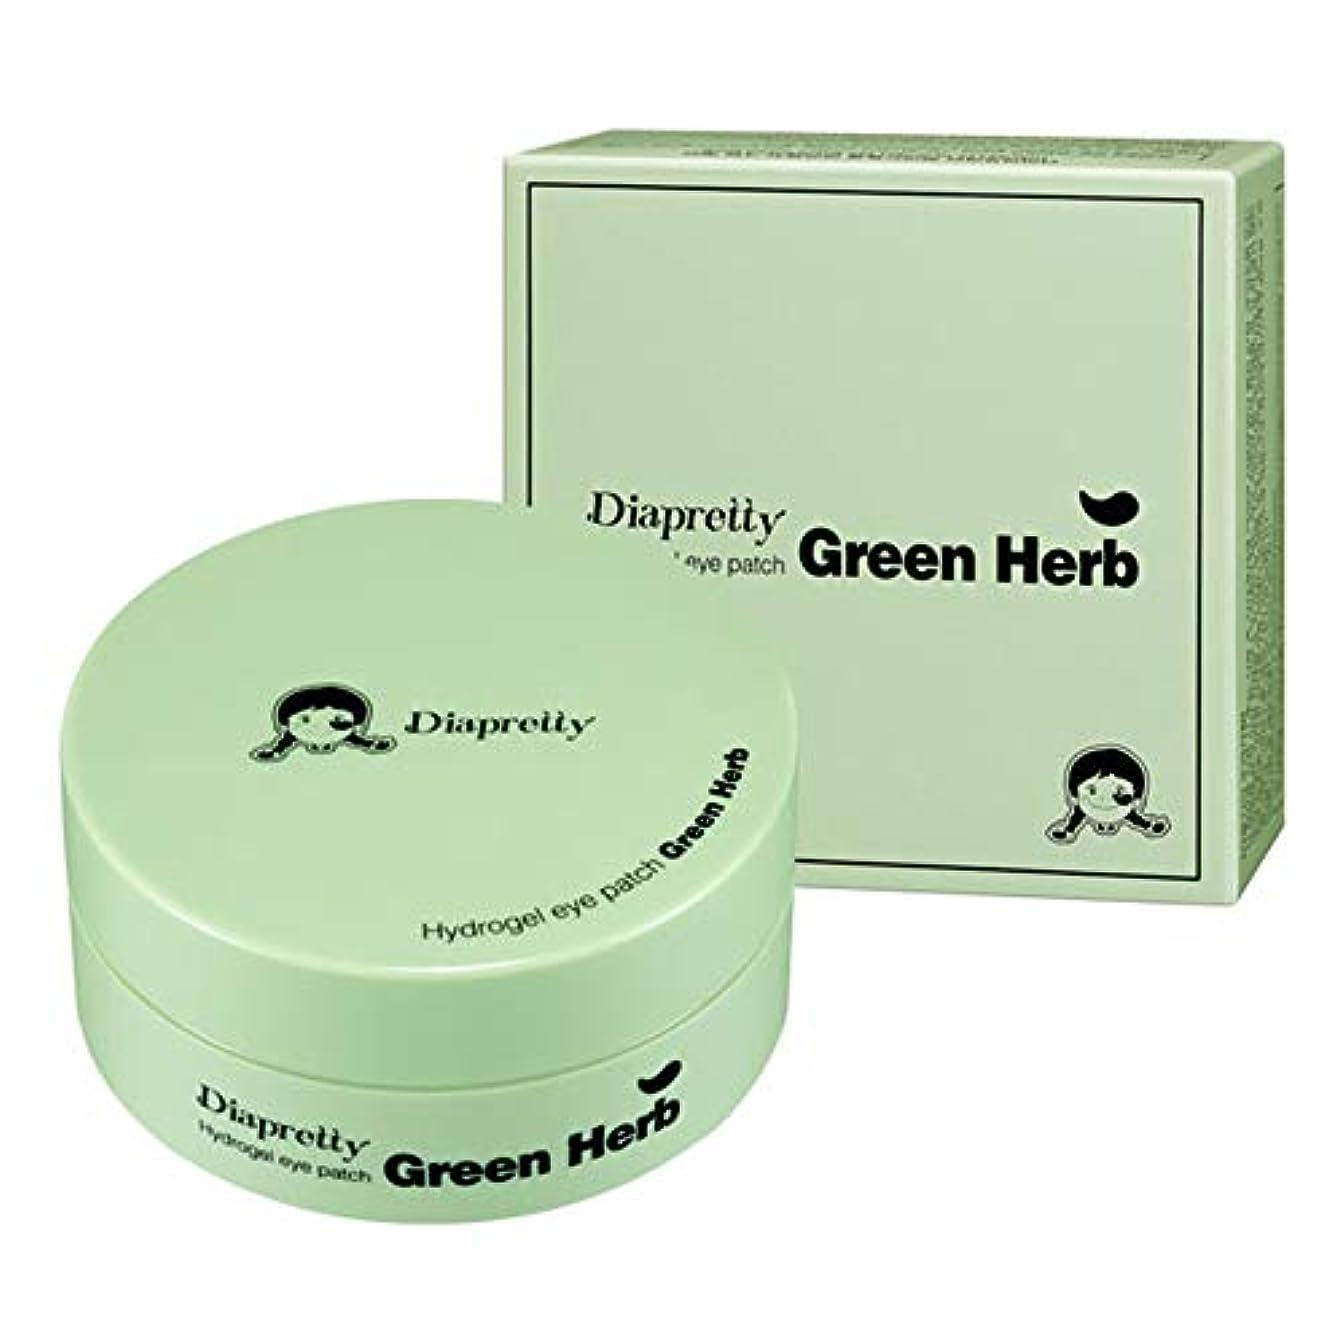 商業の多数のまだら[ダイアプリティ] ハイドロゲルア イパッチ (Greeen Herb) 60枚, [Diapretty] Hydrogel Eyepatch(Green Herb) 60pieces